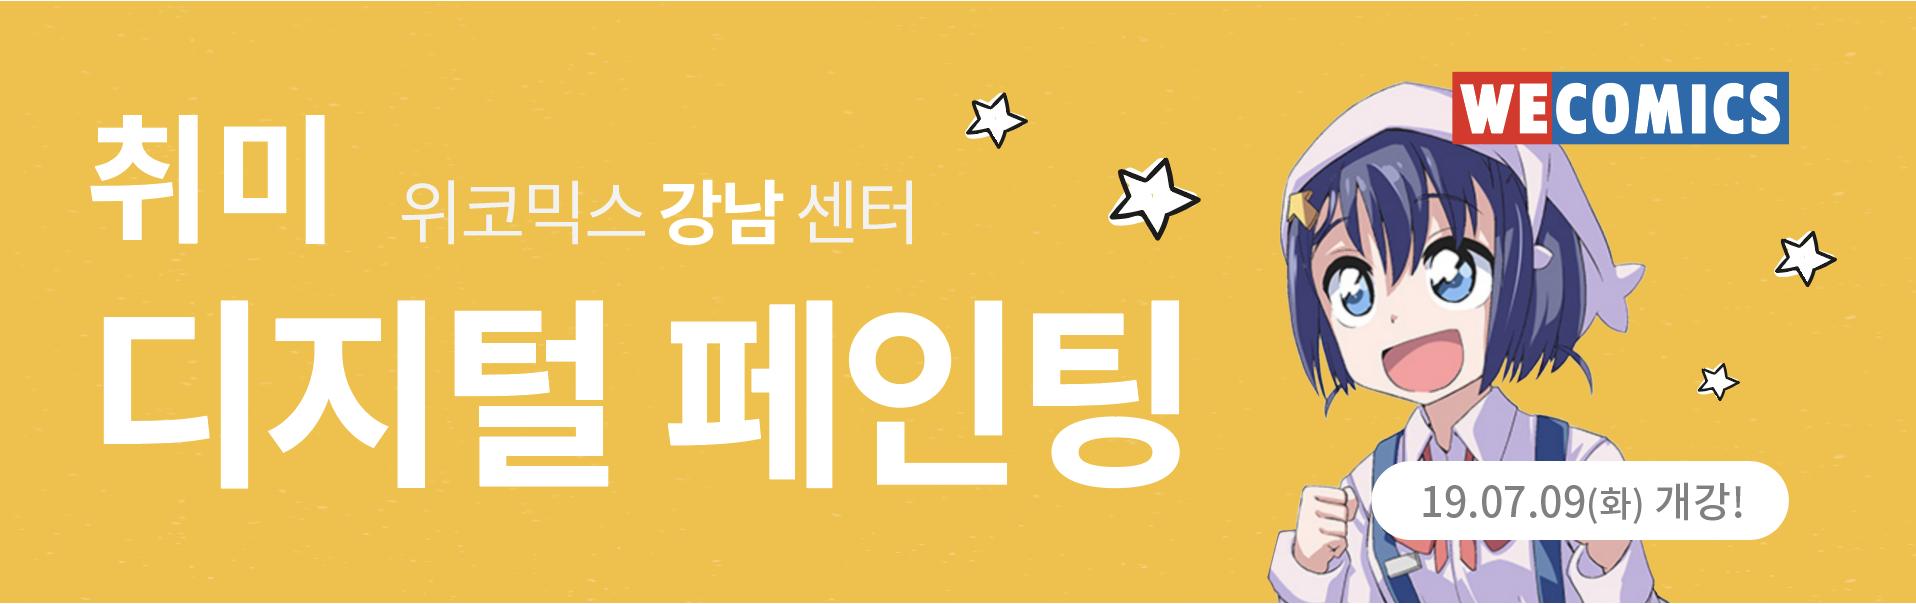 위코믹스 강남센터 취미 디지털 페인팅